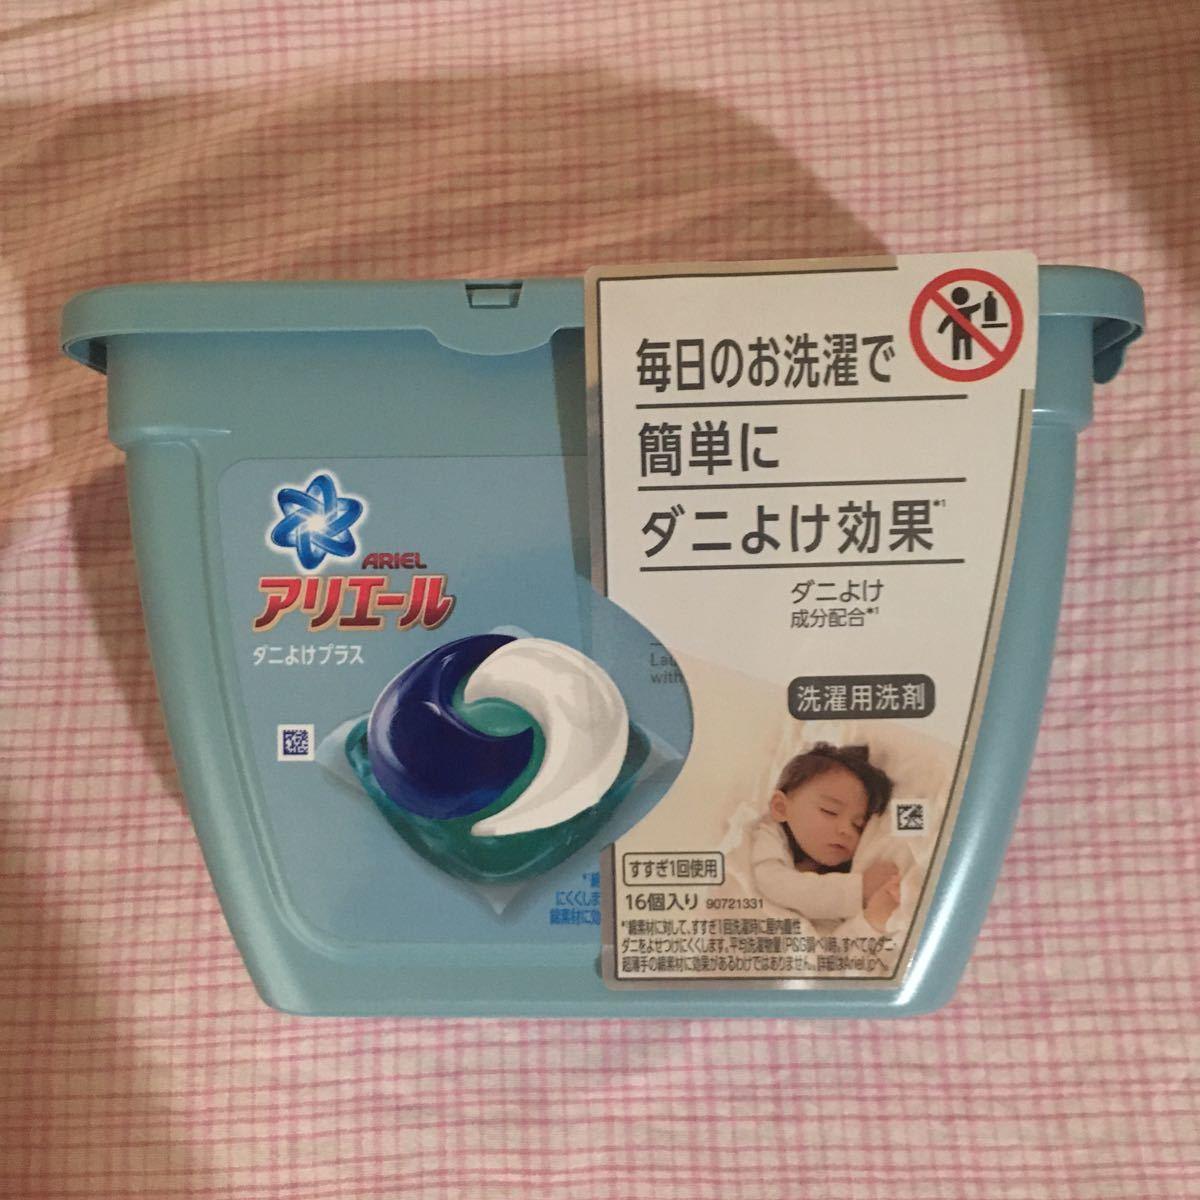 アリエール ダニよけプラス  ジェルボール 洗濯洗剤 6個